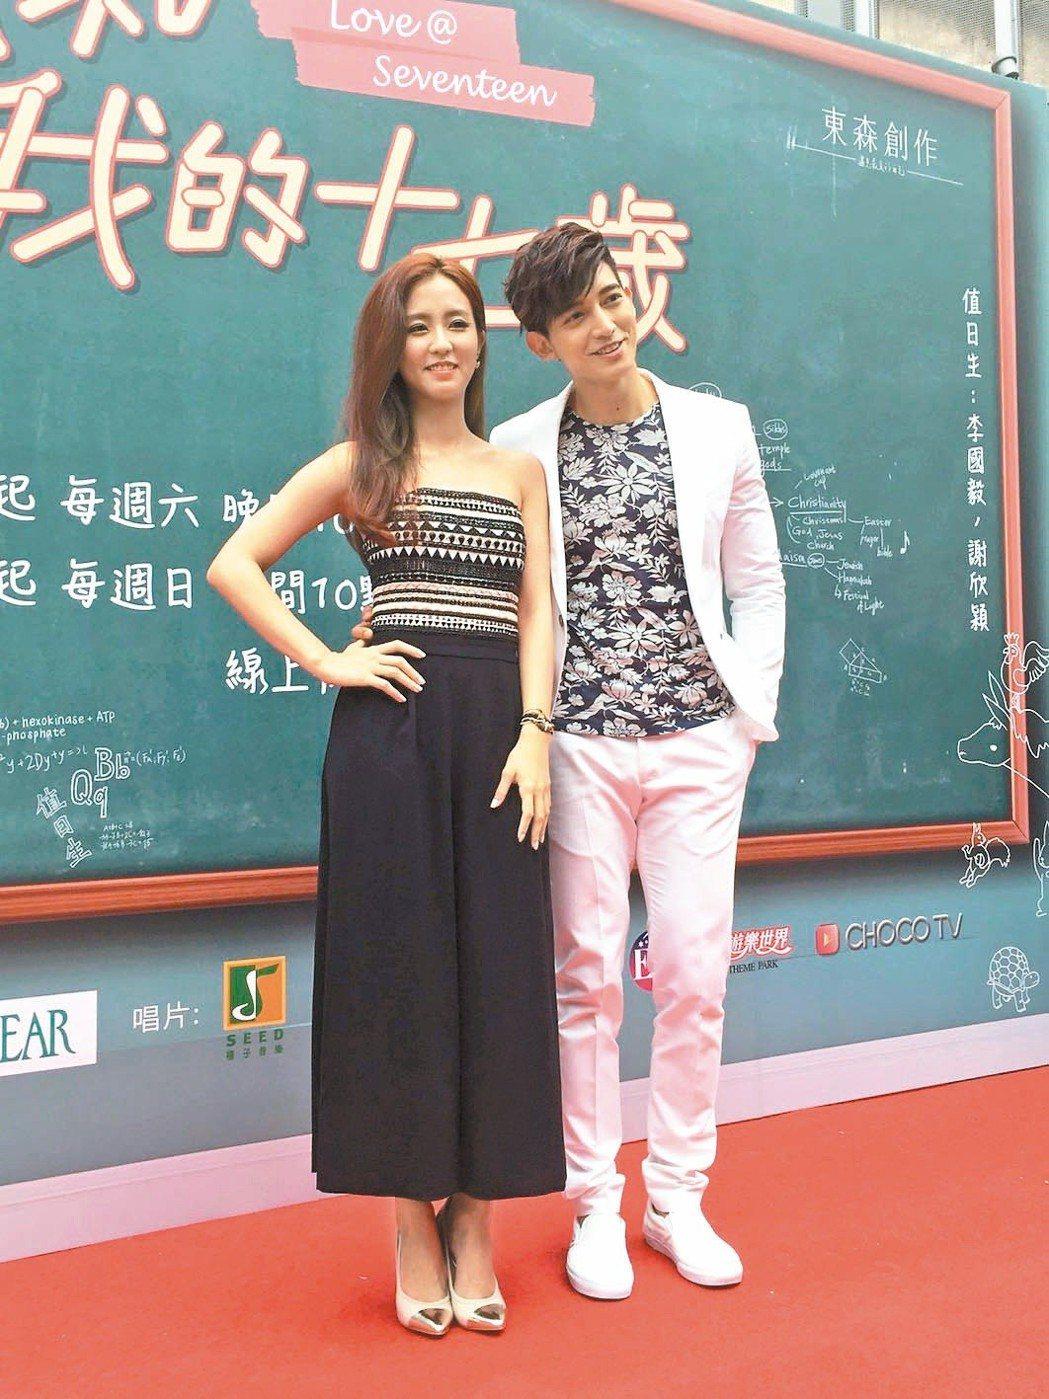 周曉涵(左)、王家梁出席「我和我的十七歲」首映,互動受矚目。 本報資料照片